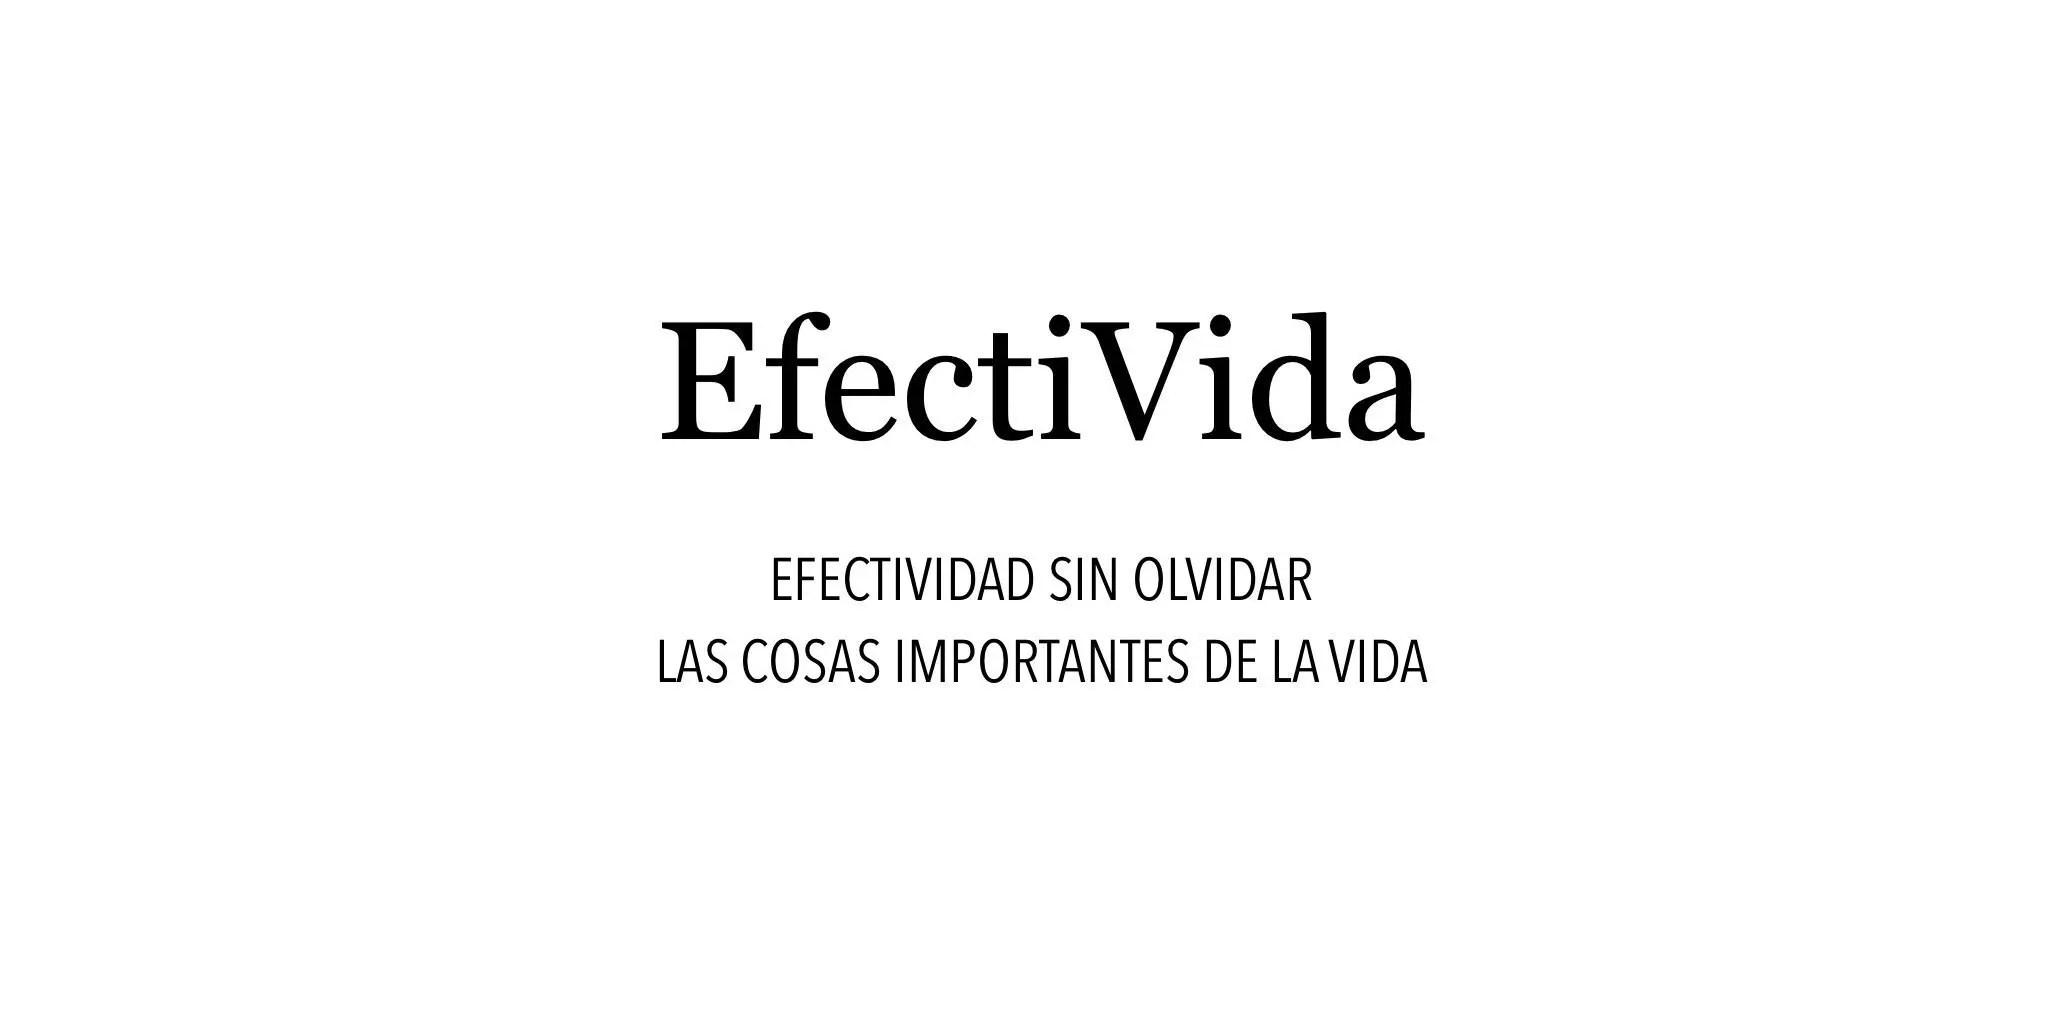 EfectiVida - Efectividad sin olvidar las cosas importantes de la vida